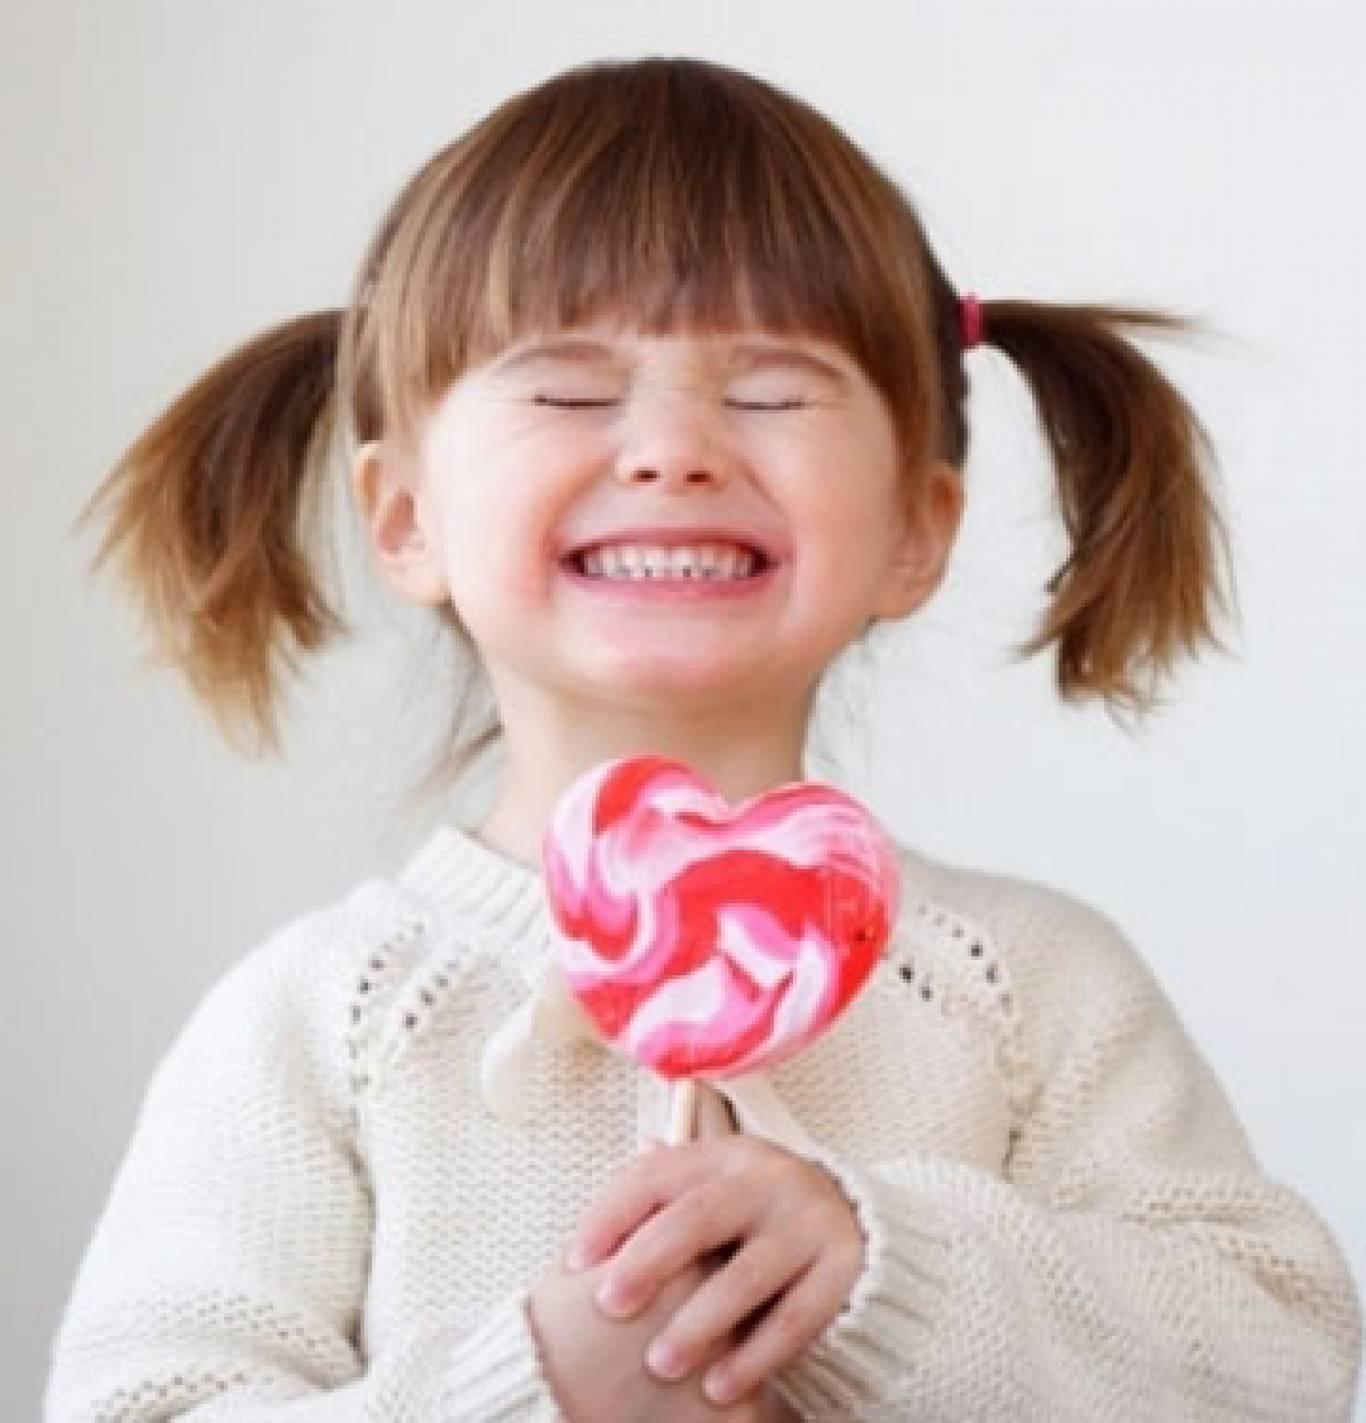 ФАБРИКА карамельок: майстер-клас для дітей з виготовлення льодяників